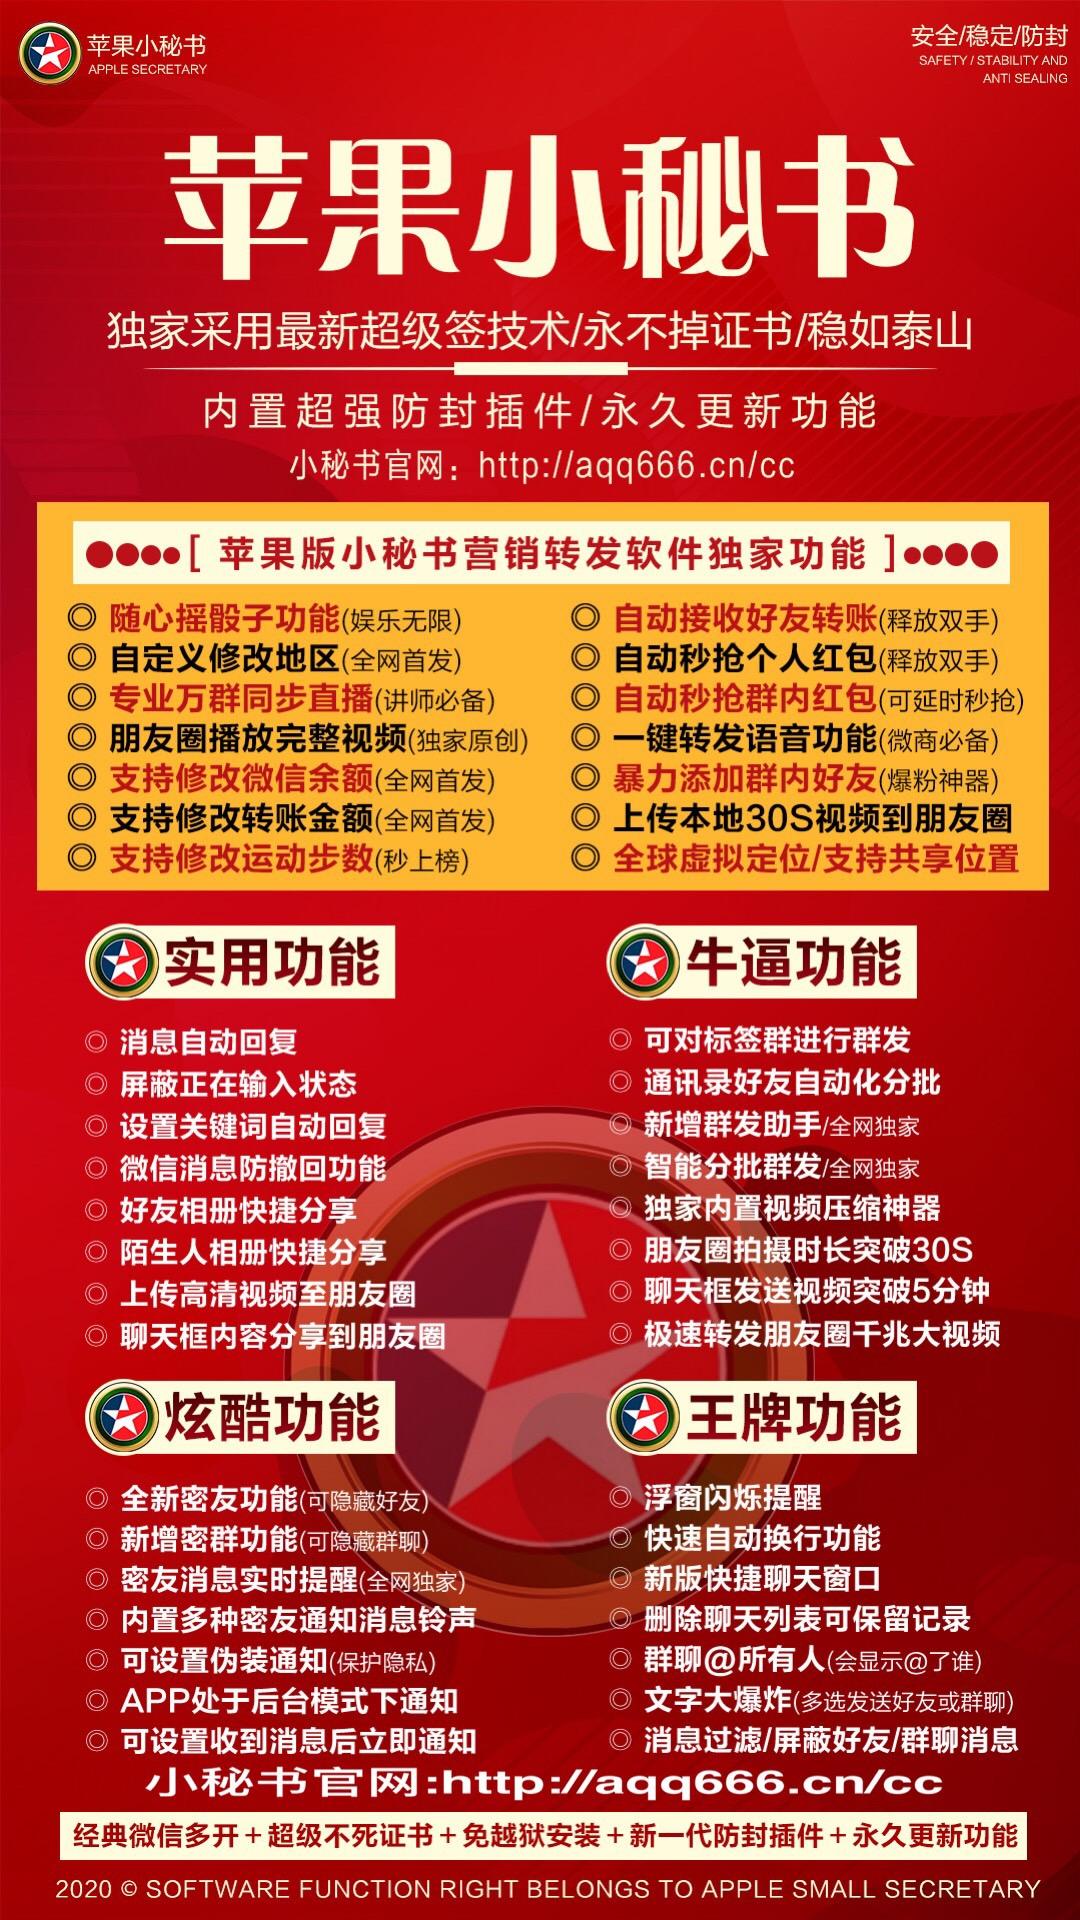 【苹果小秘书官网】防封一键转发高端双开激活码万群同步修改部署抢红包